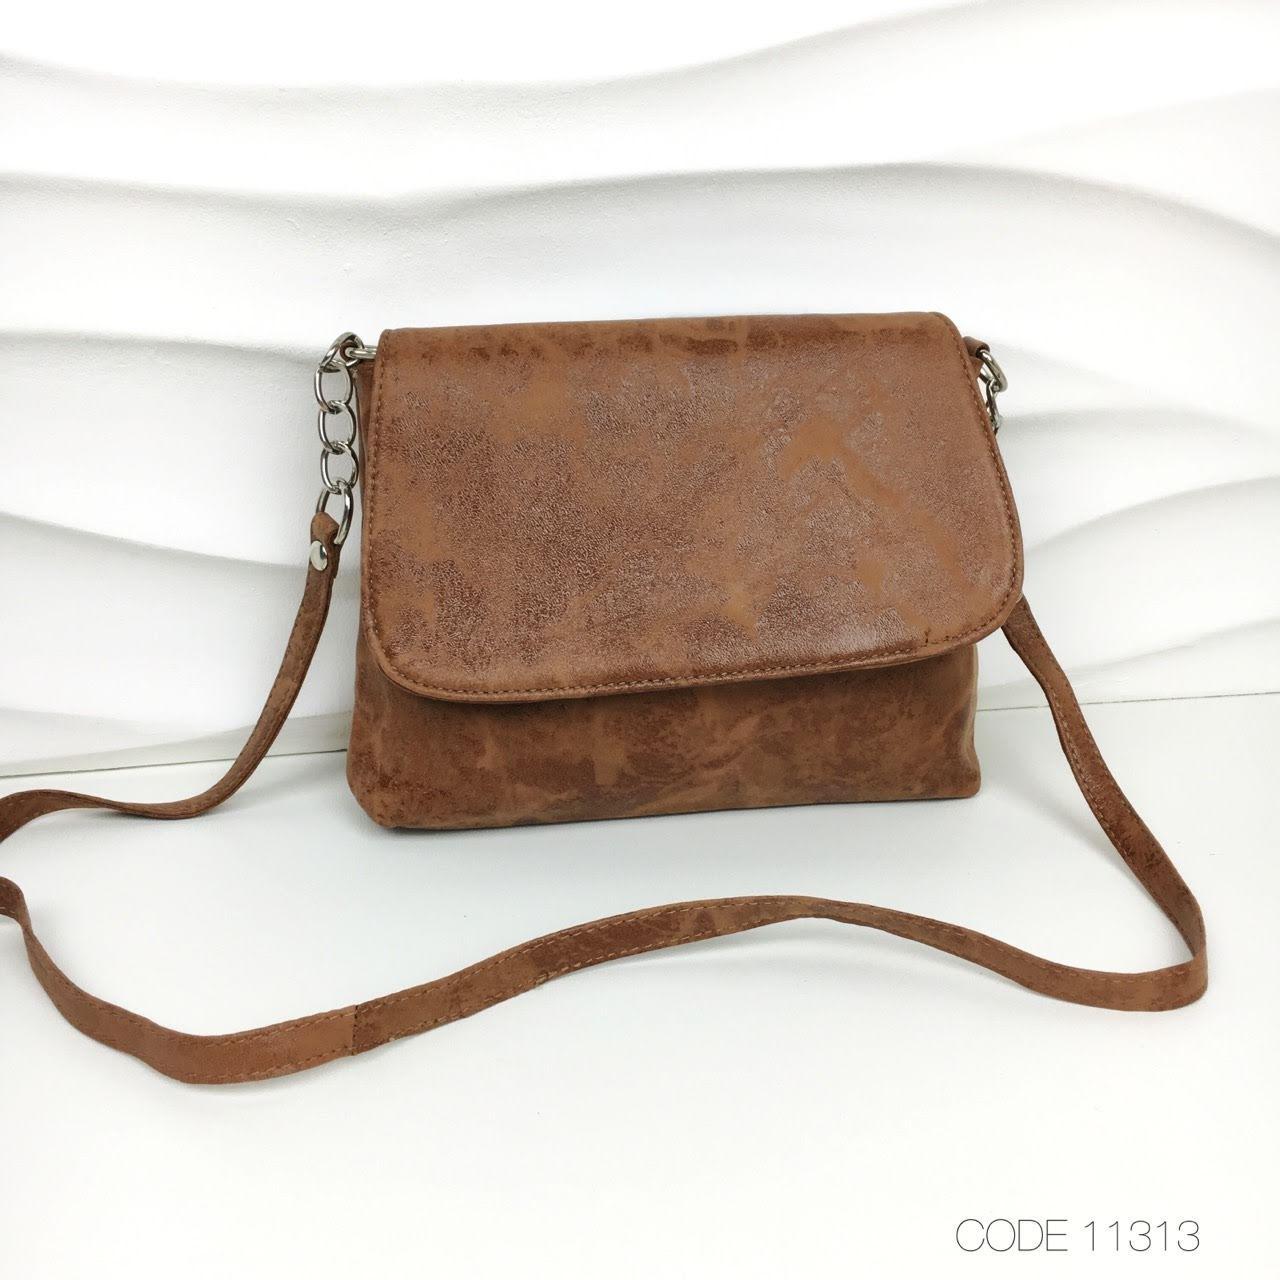 c3fa21283ebd Сумка женская кожаная Tunona Crossbody, сумка натуральная кожа коричневый  мрамор 11313, цена 380 грн., купить в Днепре — Prom.ua (ID#902319539)